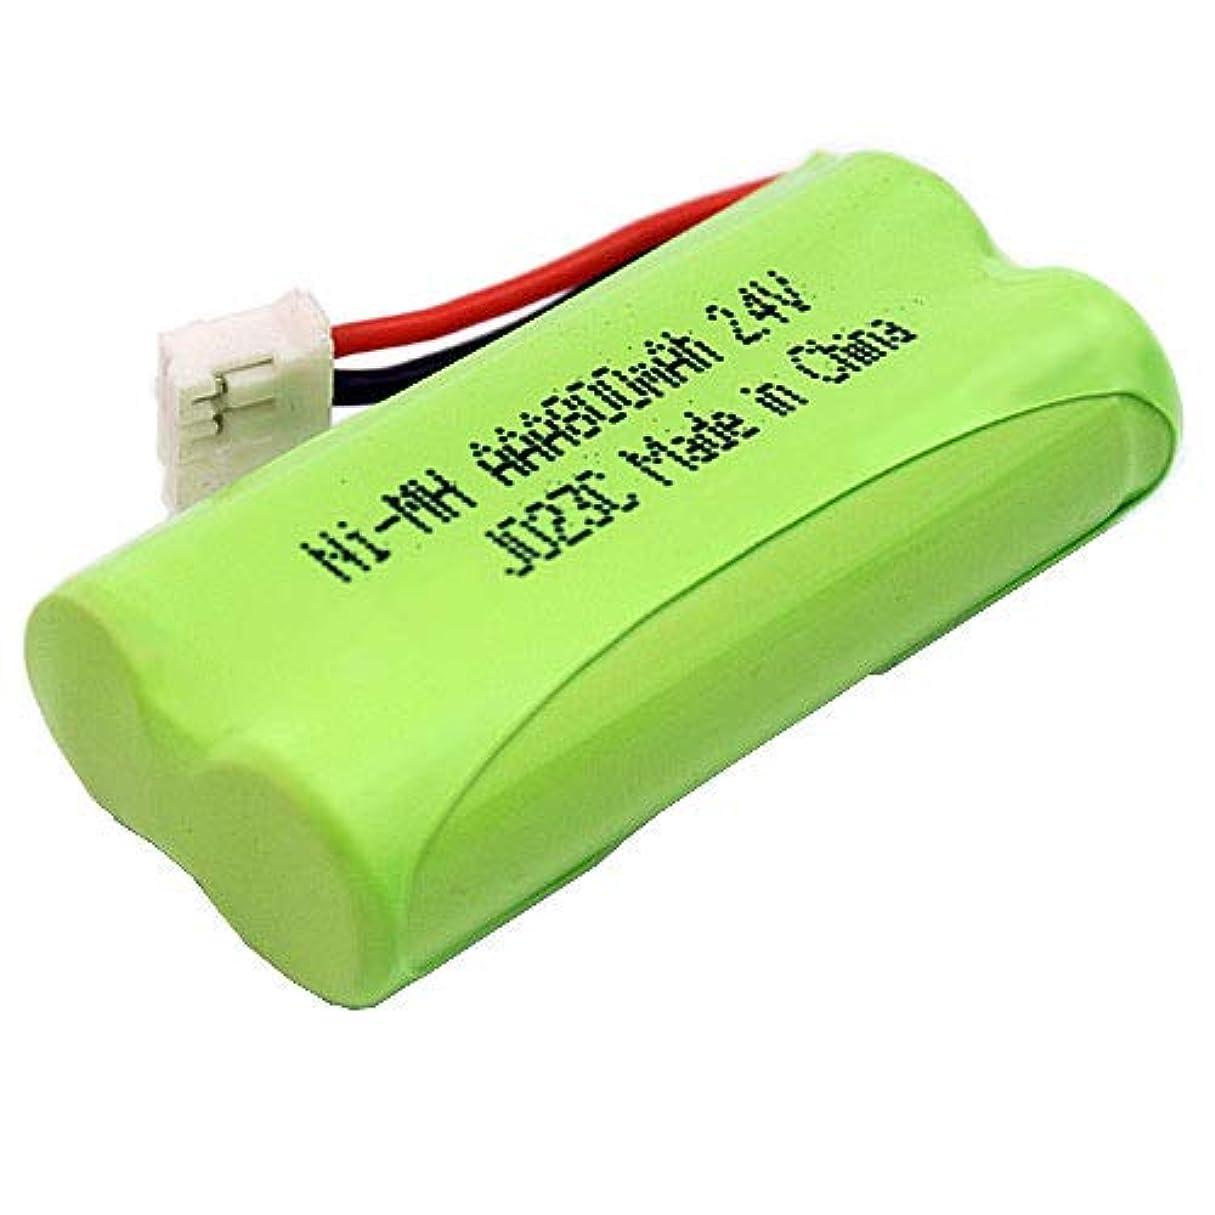 パパ信者スクレーパー【JC】 パナソニック(Panasonic) コードレス子機用 互換充電池 [KX-FAN57 互換品] ニッケル水素(Ni-MH) 大容量 バッテリー 【 J023C 】